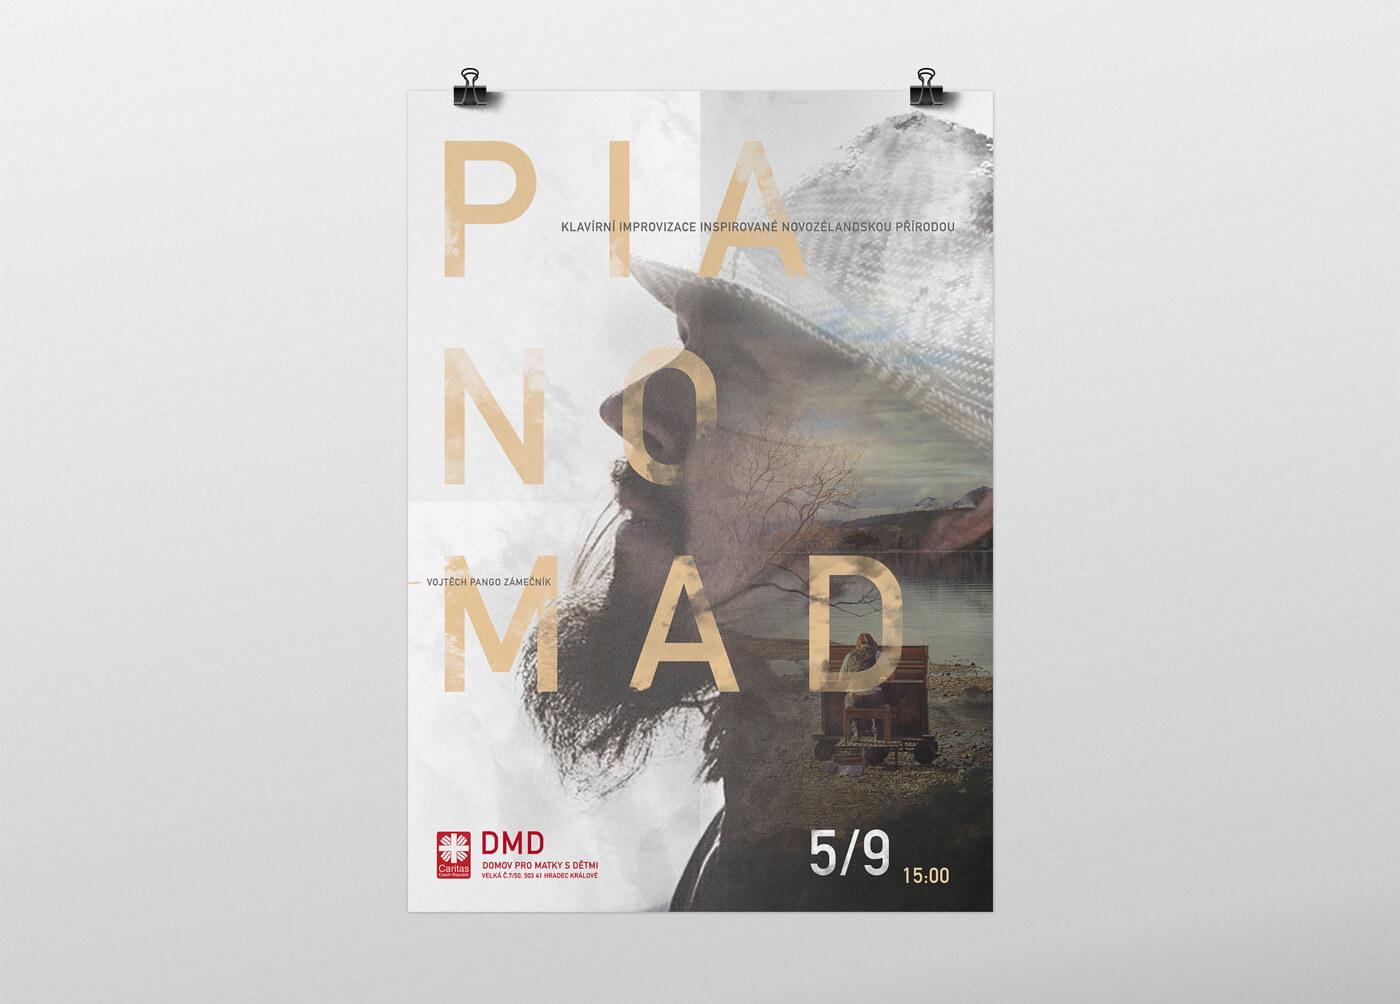 pianomad